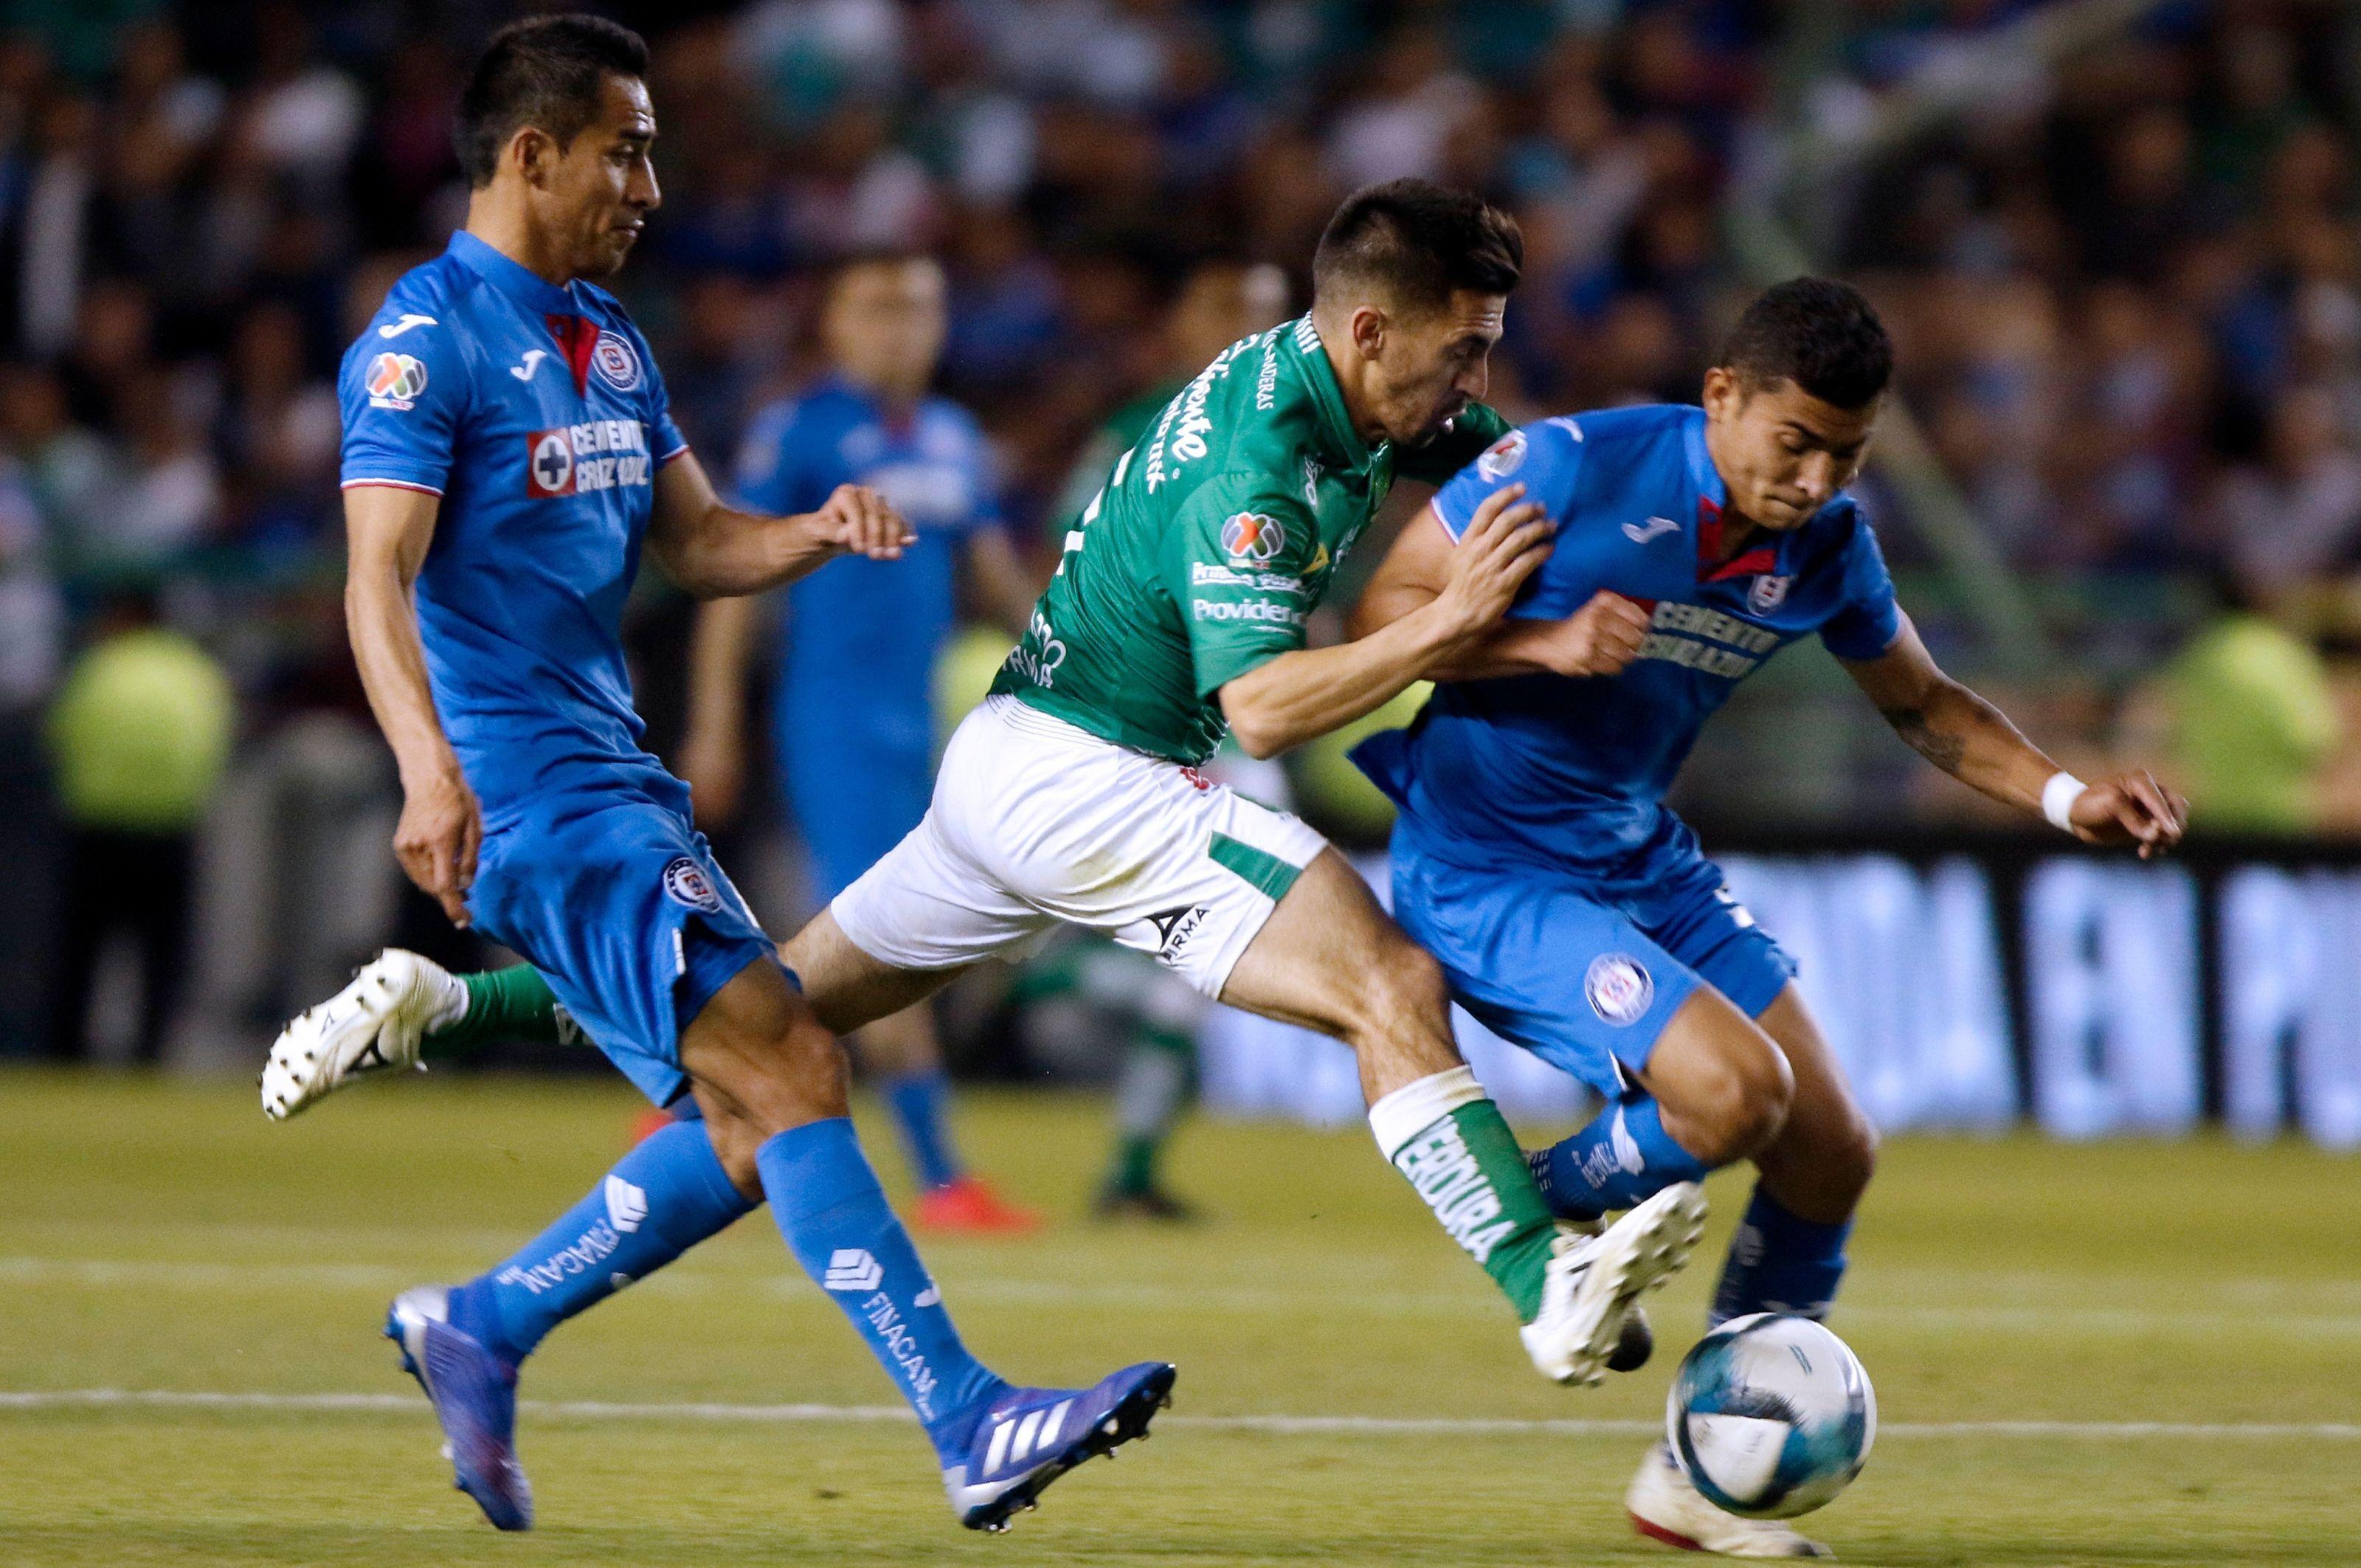 Transfer Tracker: León, Cruz Azul, Chivas make moves